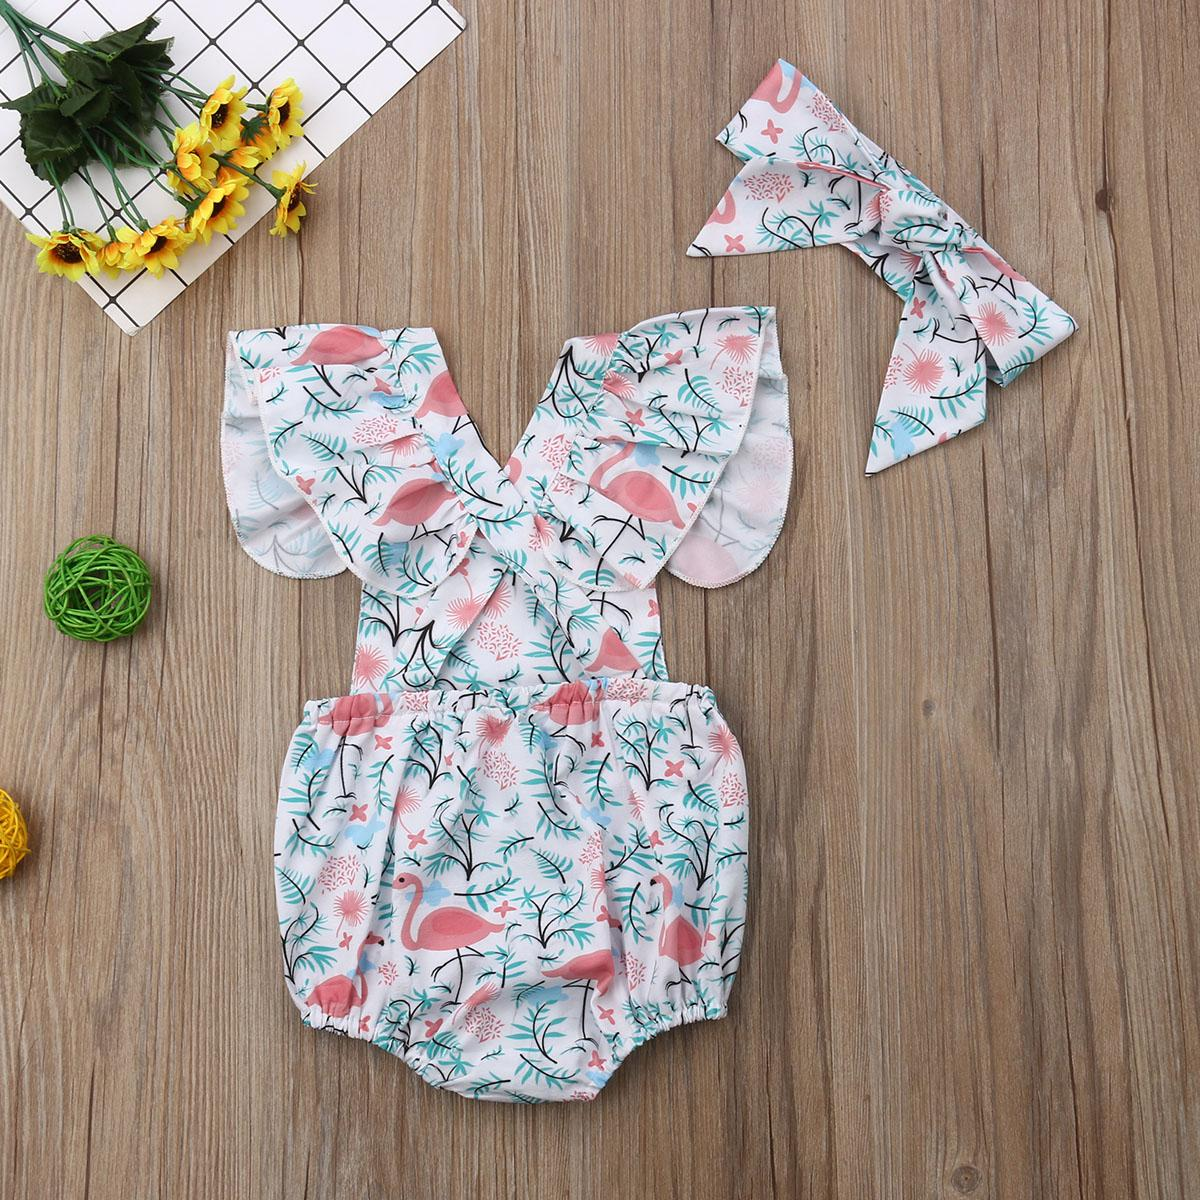 Focusnorm 0-24M de Moda de Nova Recém-nascido Bebé Meninas Flamingos Romper Praça dos desenhos animados Collar alça roupas de verão roupa